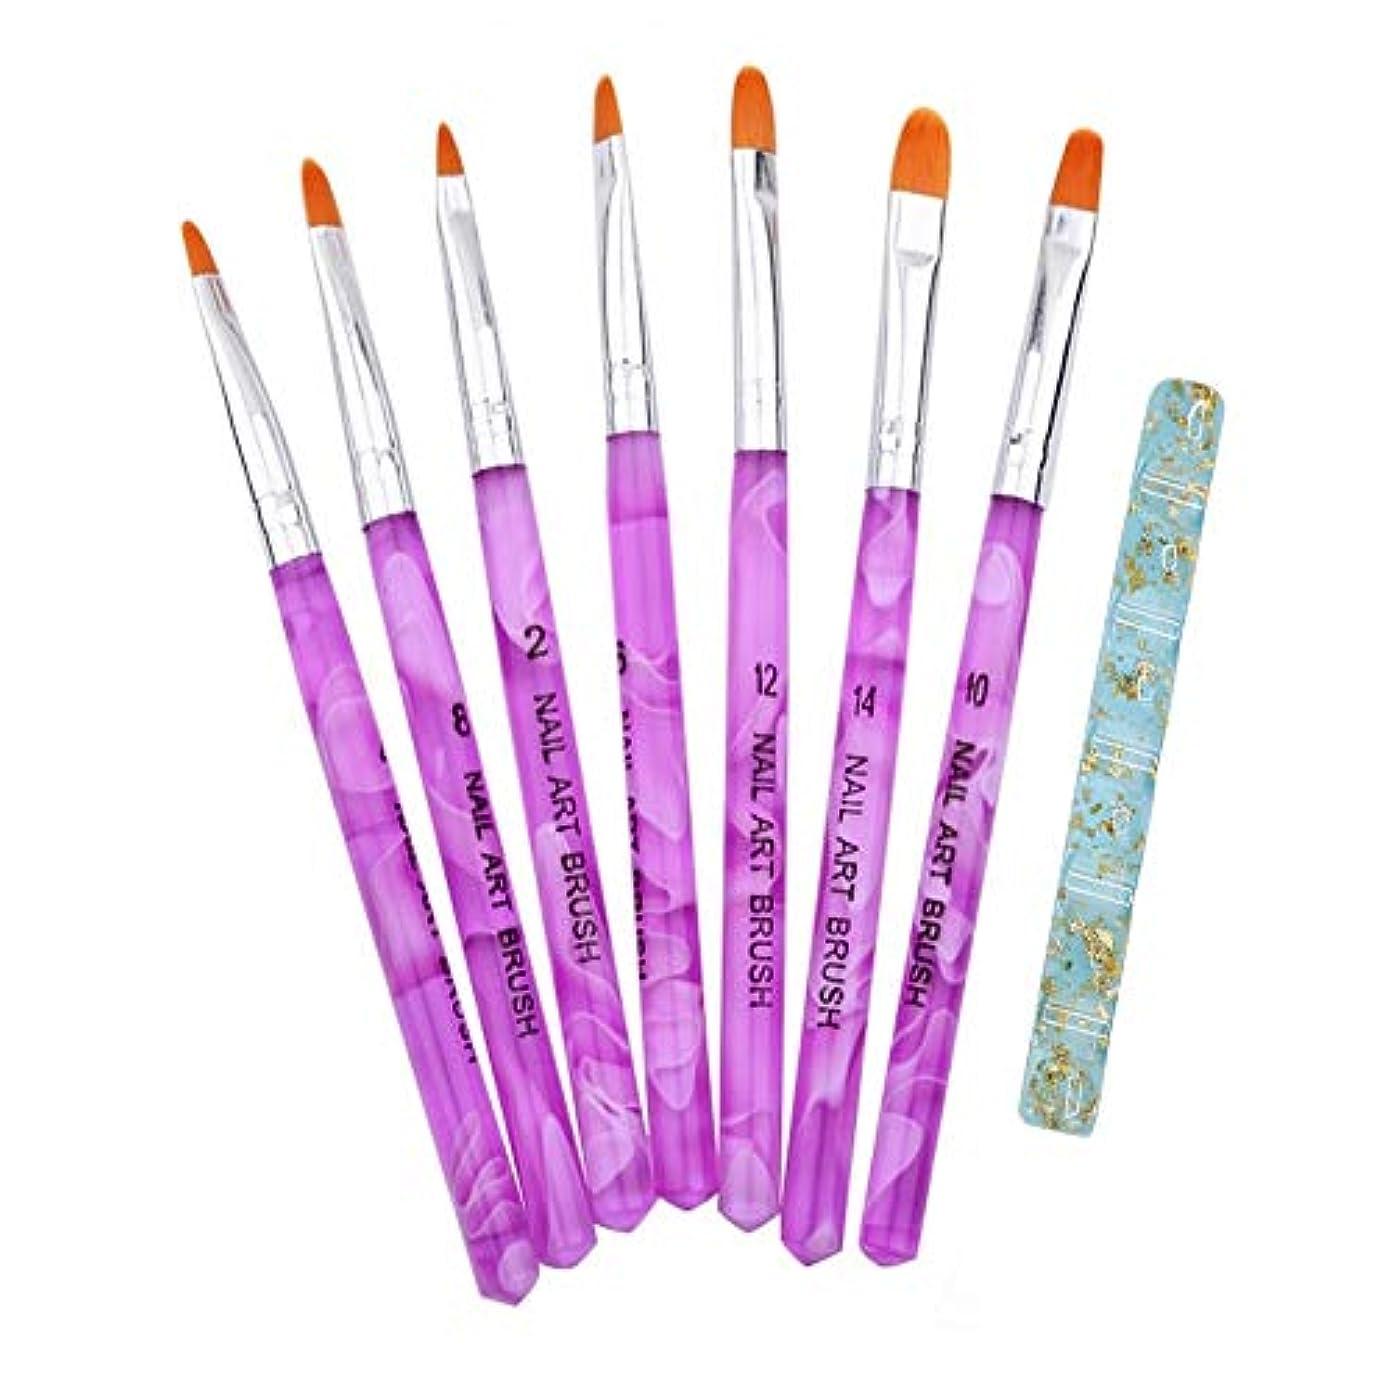 百年ガレージジェル ネイル ブラシ UV 用 平筆 ブラシ 7本 セット 爪 アート プロ仕様 (7本セット)